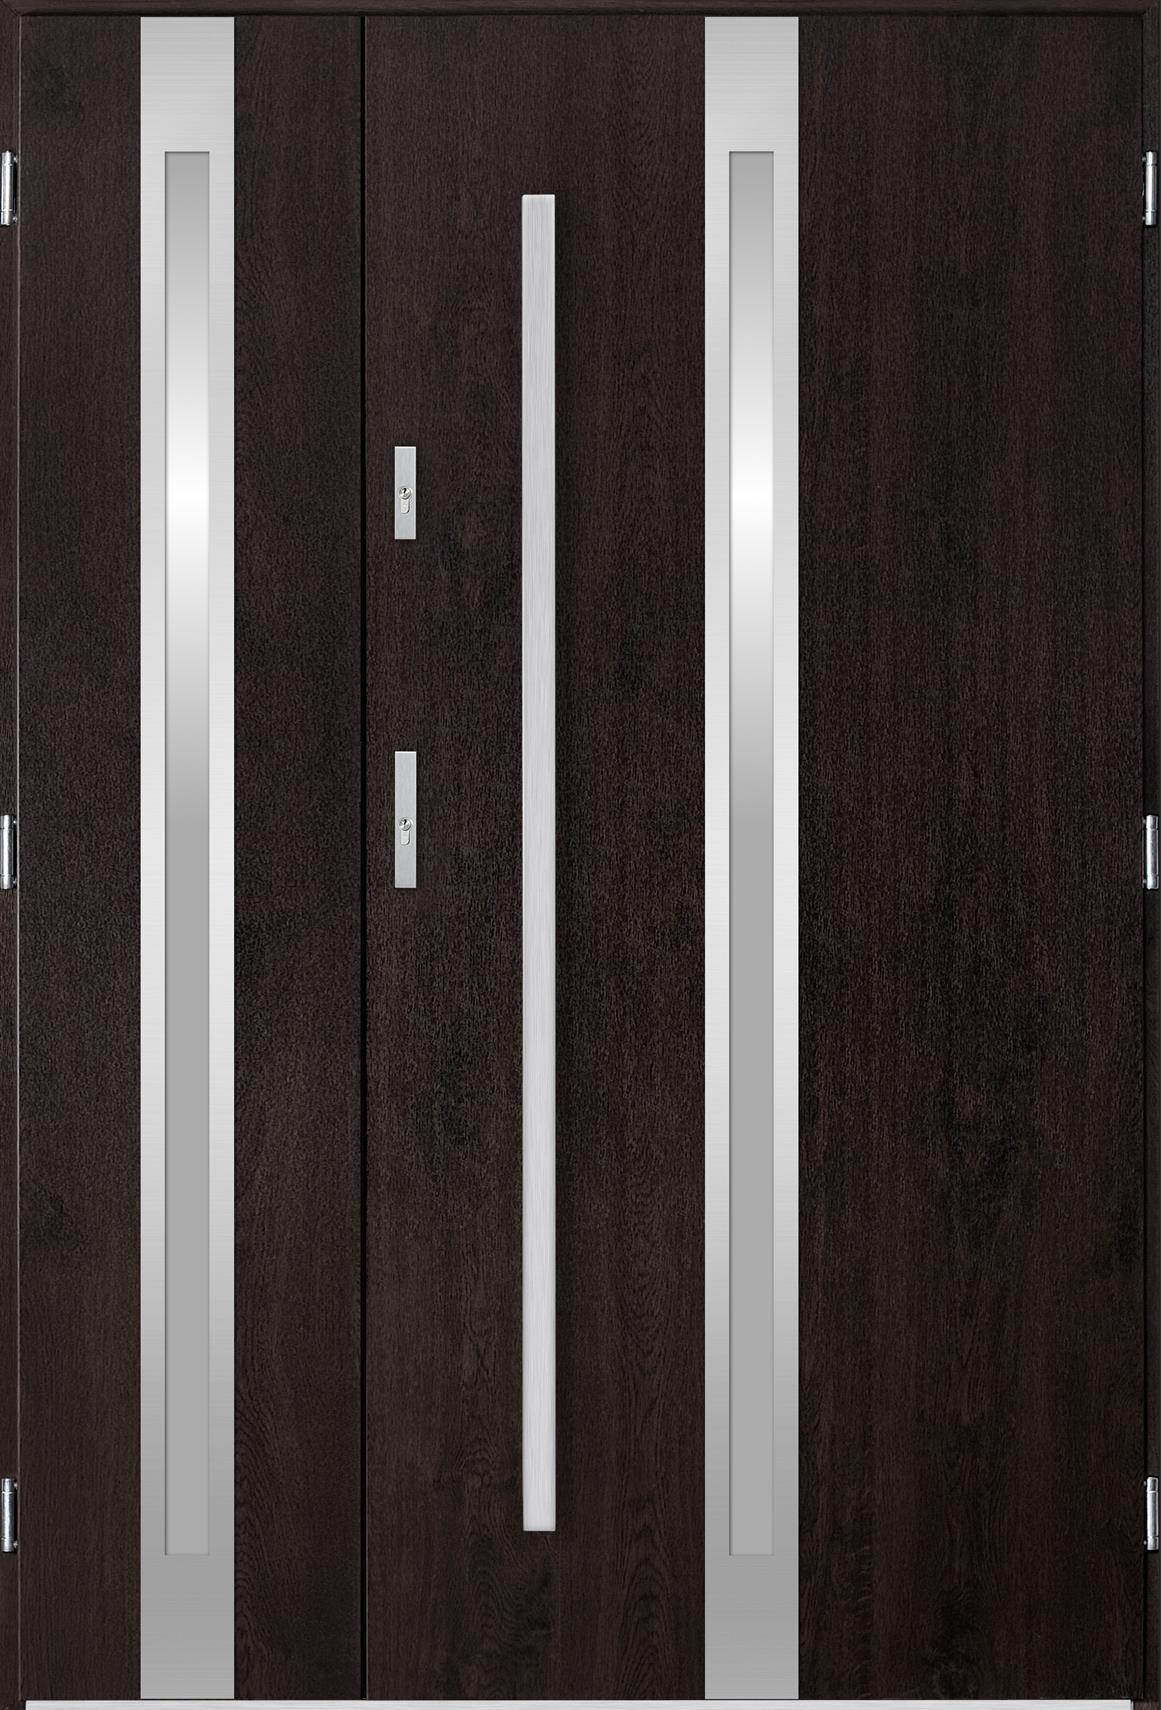 Venkovní dvoukøídlé vchodové dveøe Linea v odstínu wenge